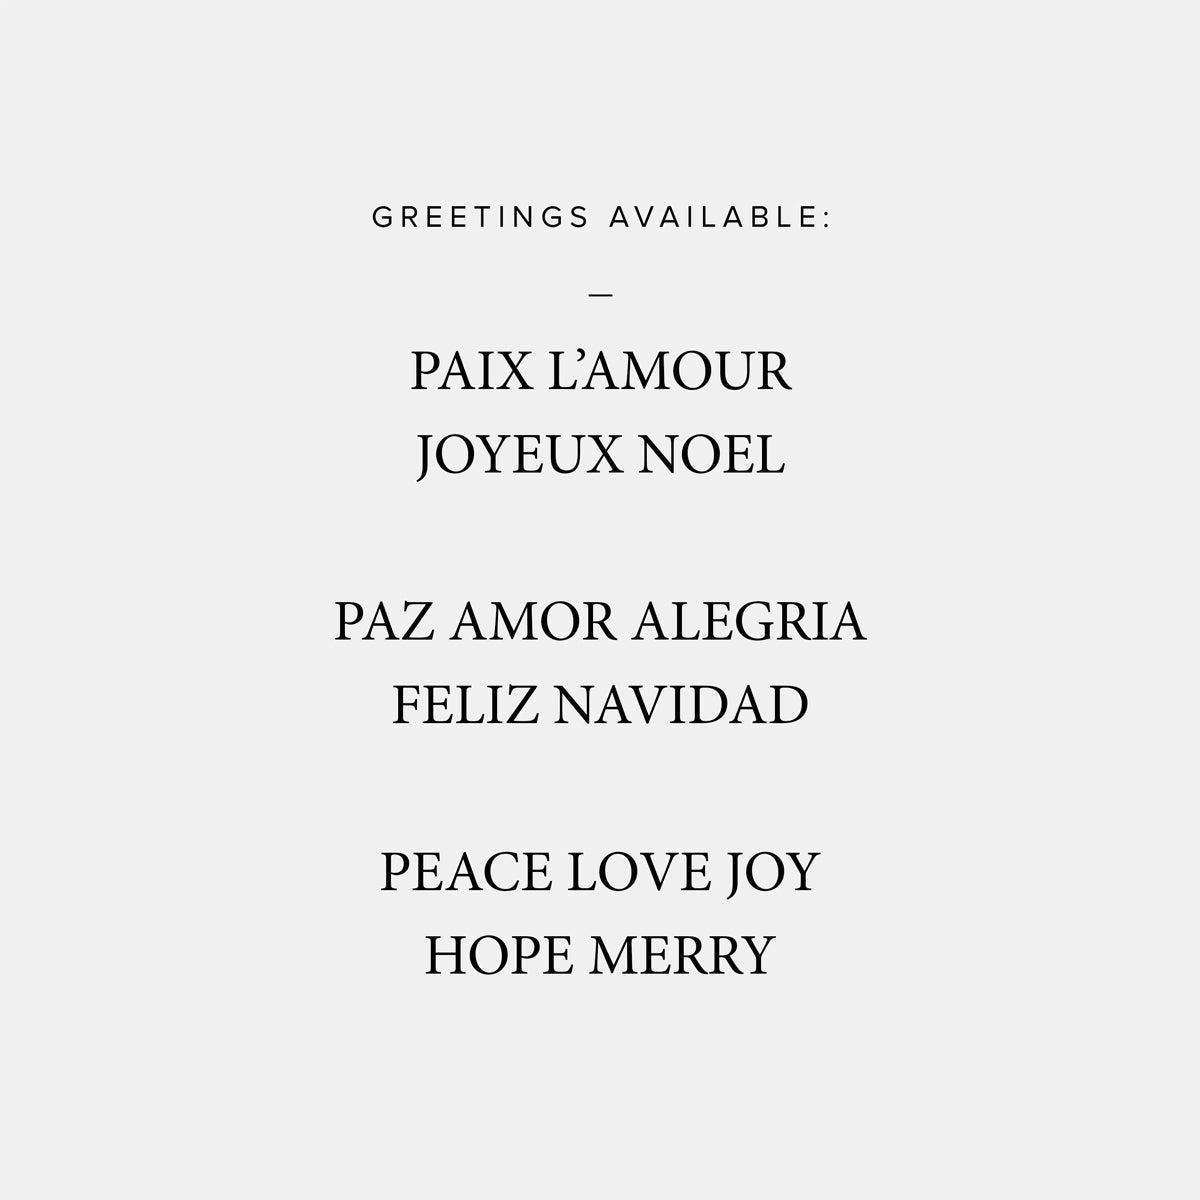 Border Greeting Holiday Card